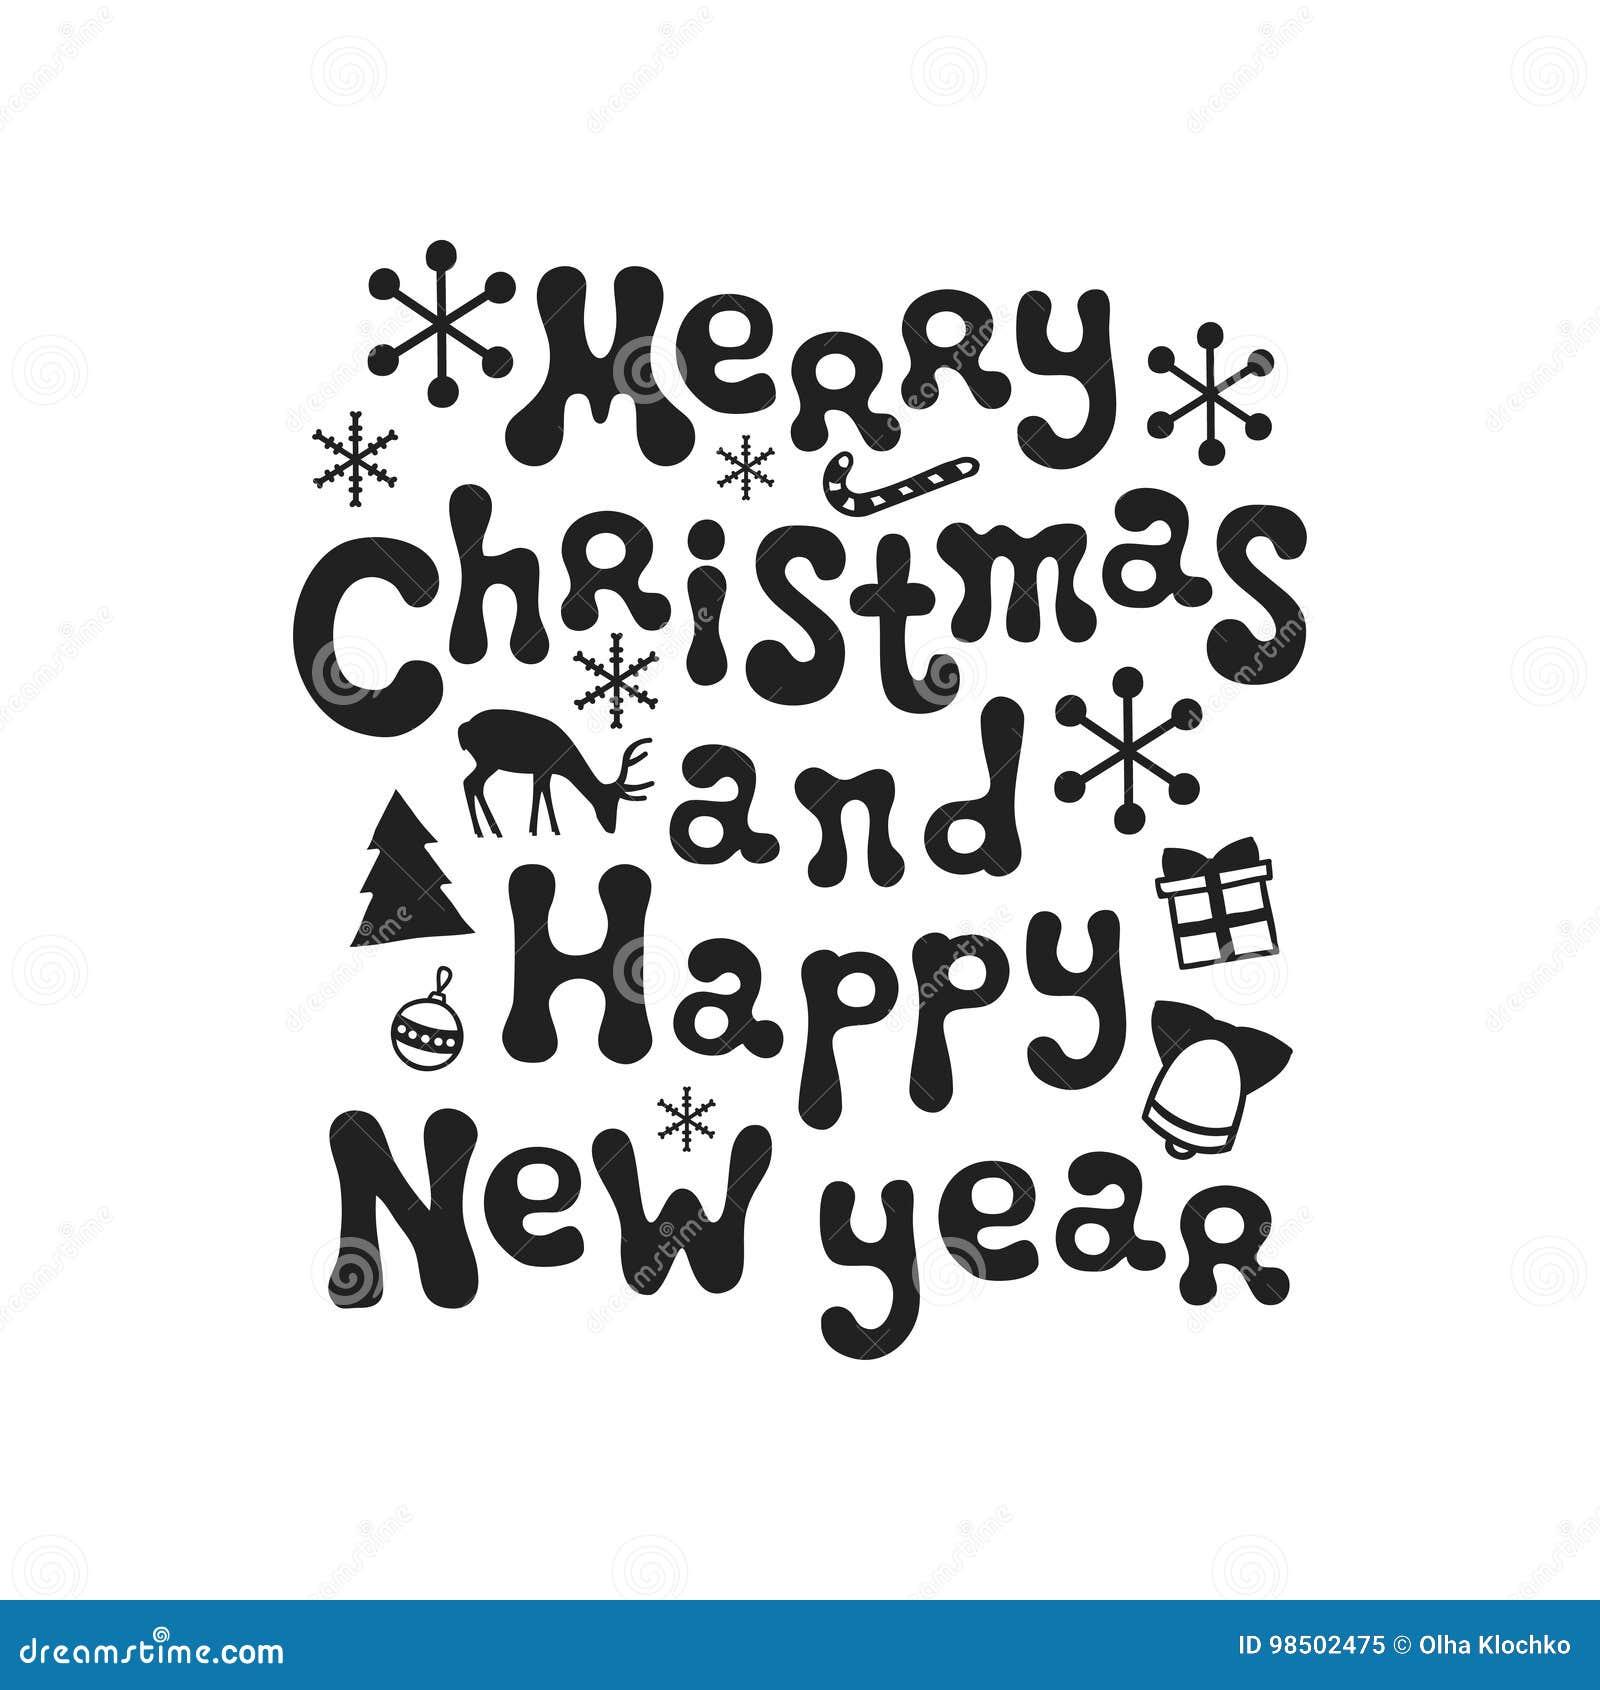 Frasi Natale E Buon Anno.Buon Natale E Buon Anno Frase Di Calligrafia La Spazzola Scritta A